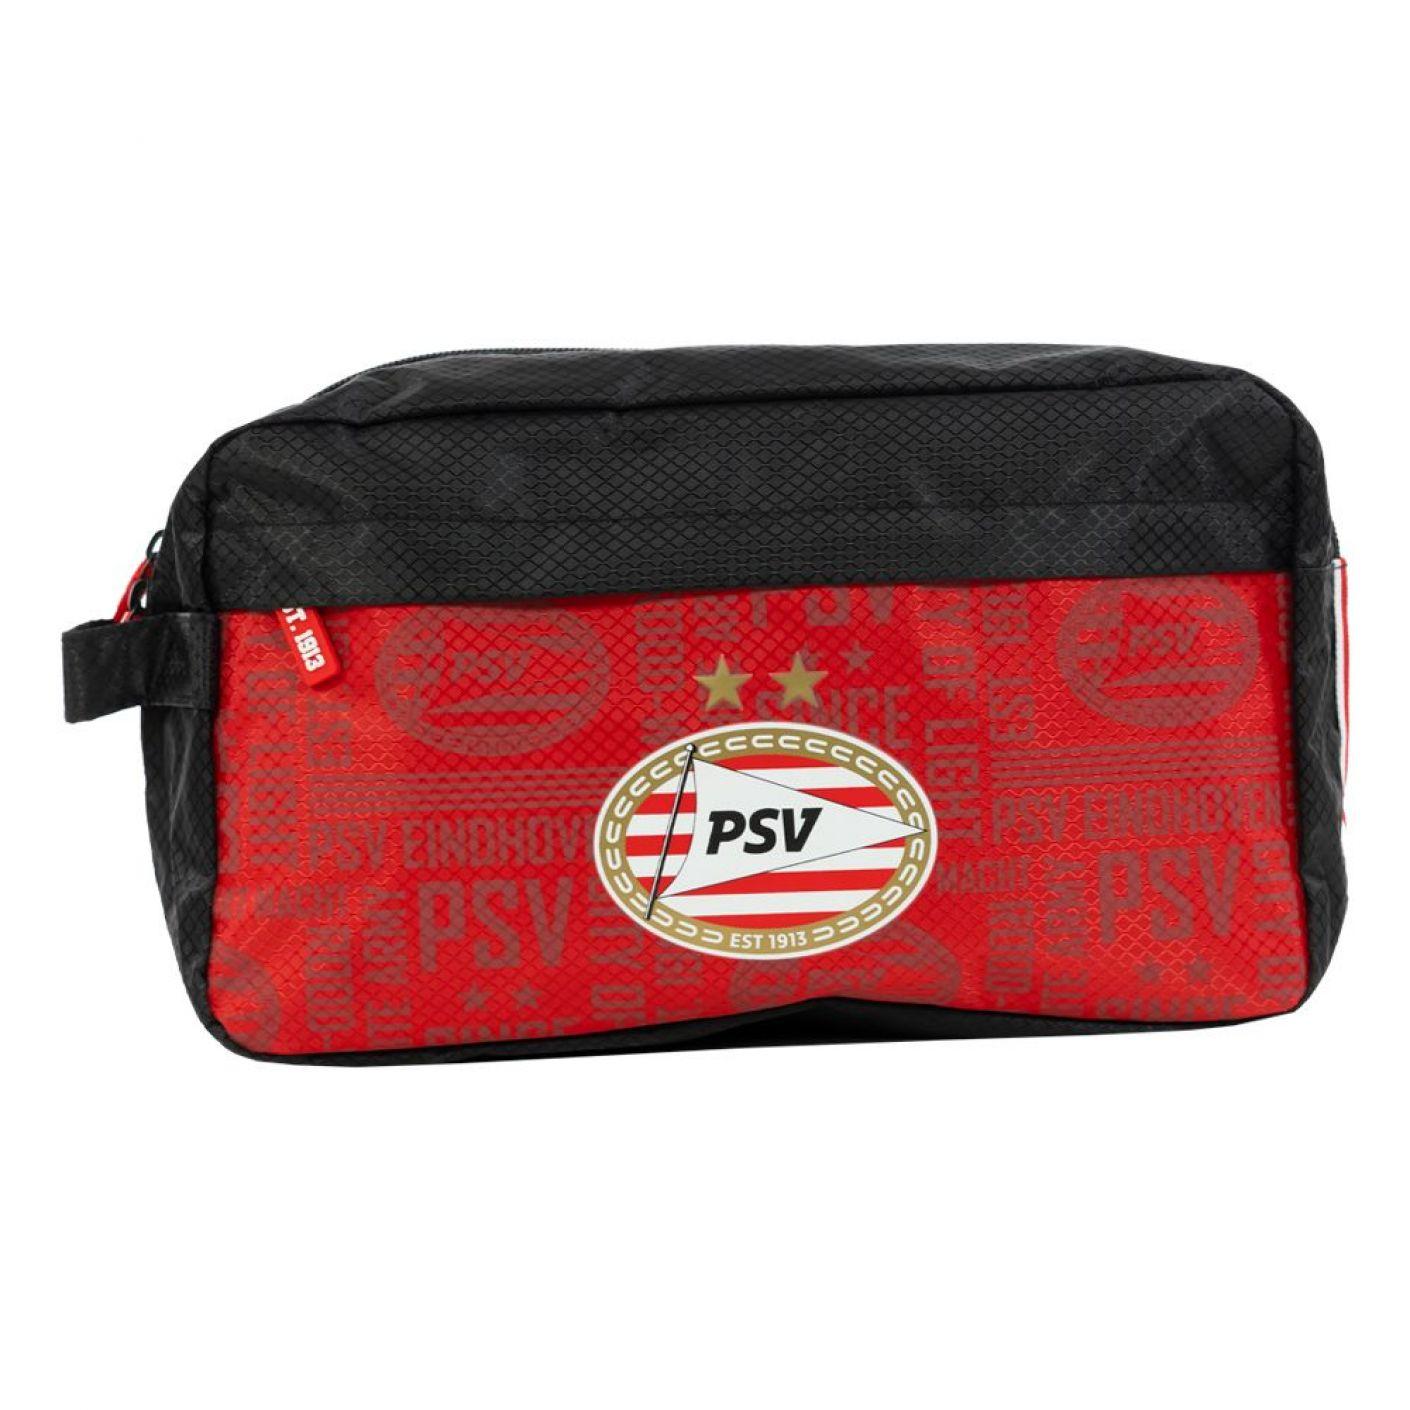 PSV Toilettas All Over zwart-rood